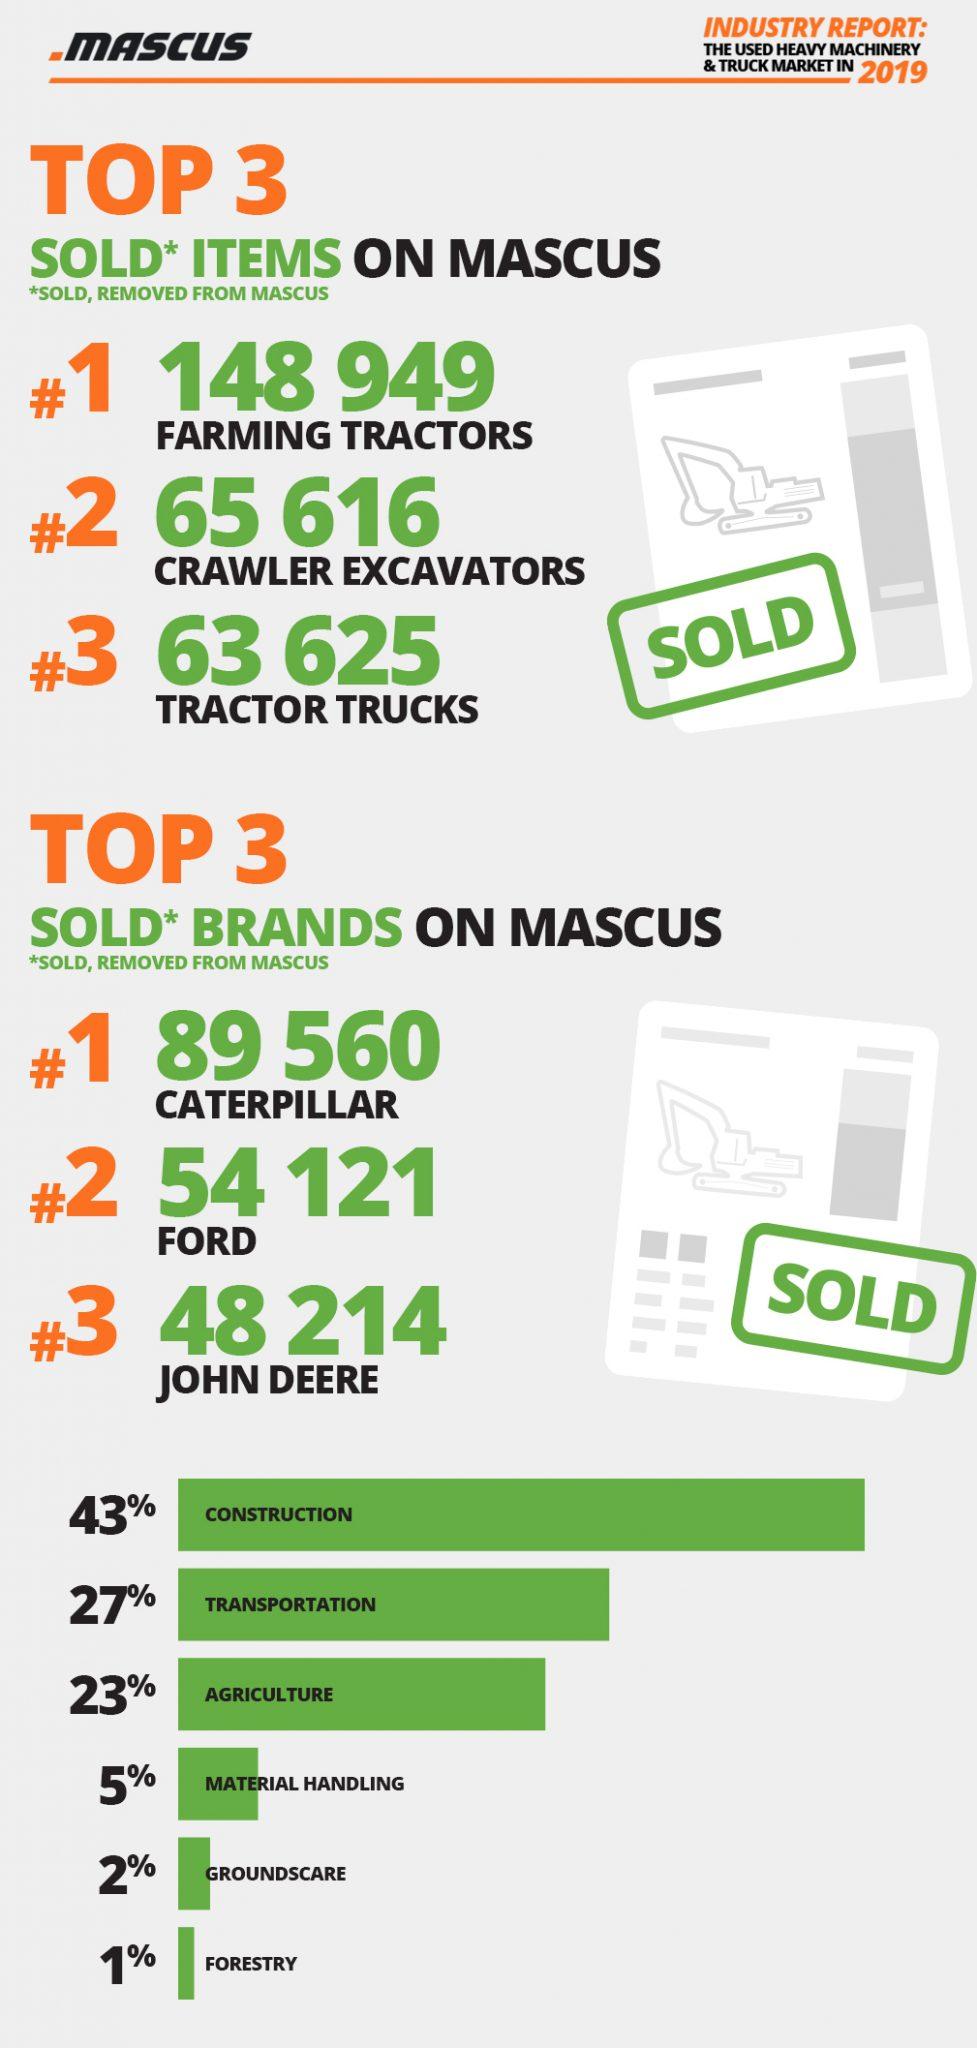 Top 3 der entfernten Angebote auf Mascus (nach Maschinentyp und Marke)